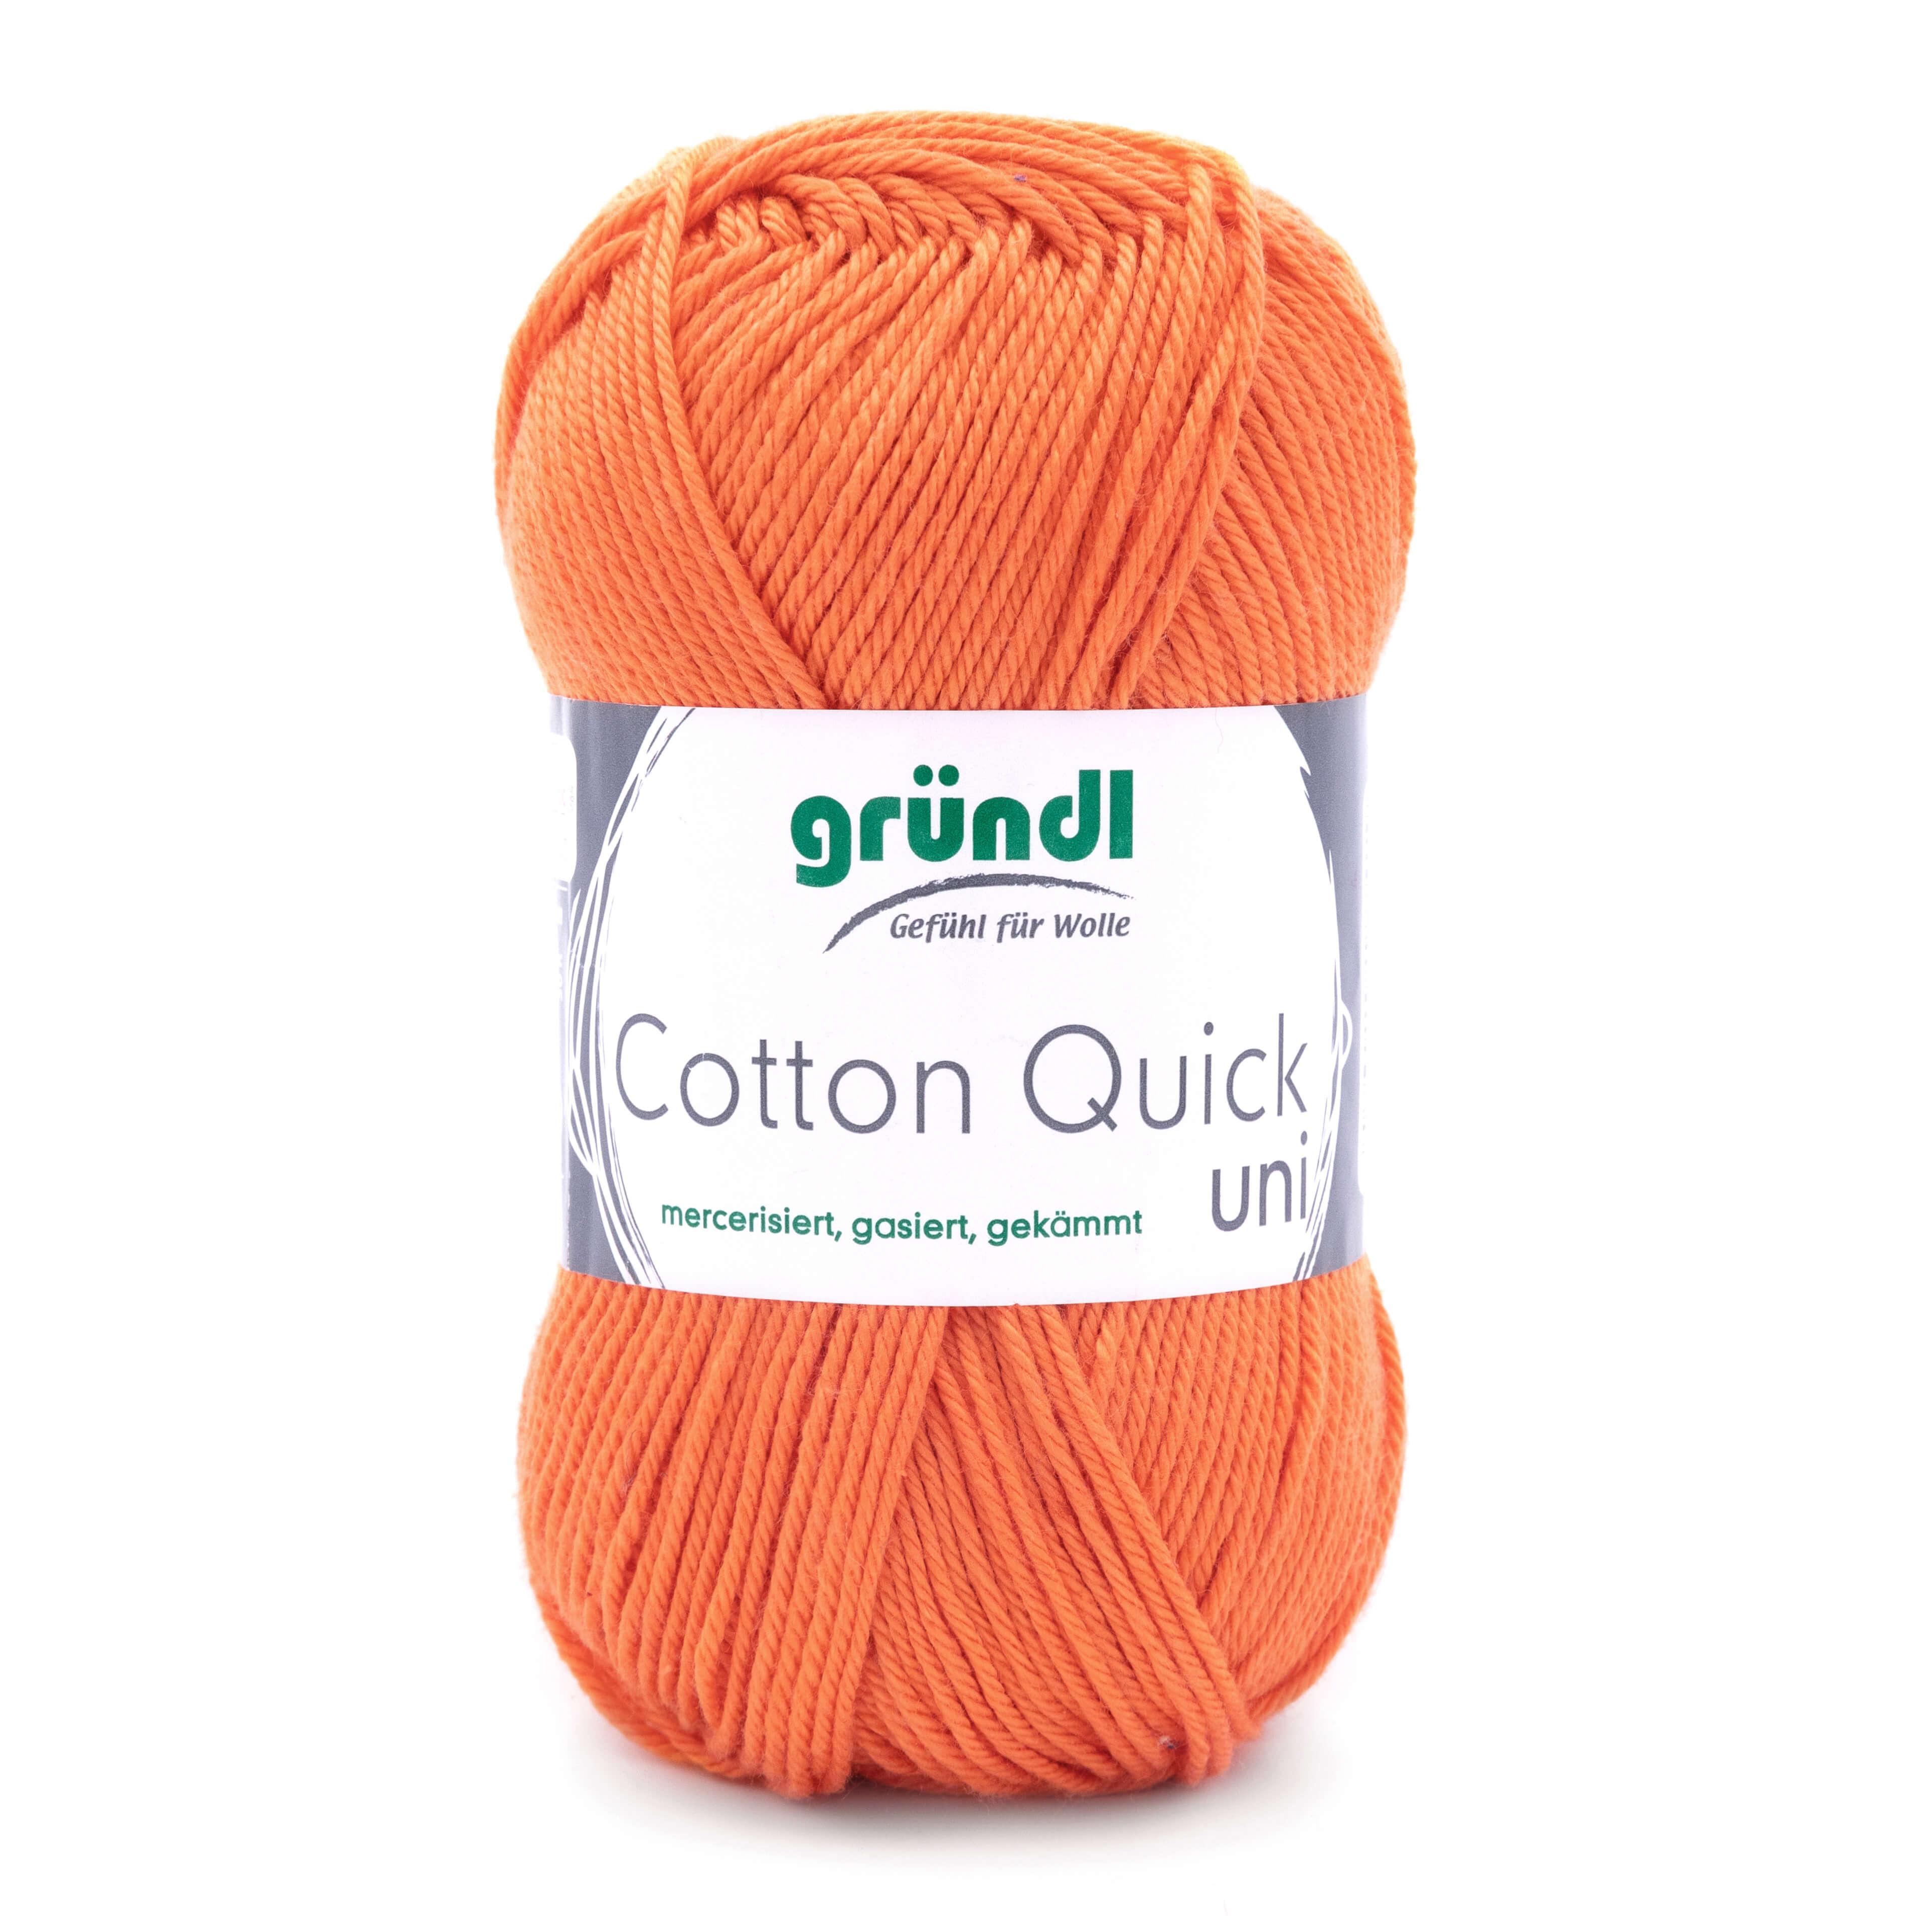 Orangefarbene Wolle zum Stricken und Häkeln von Gründl mit leichtem Glanz